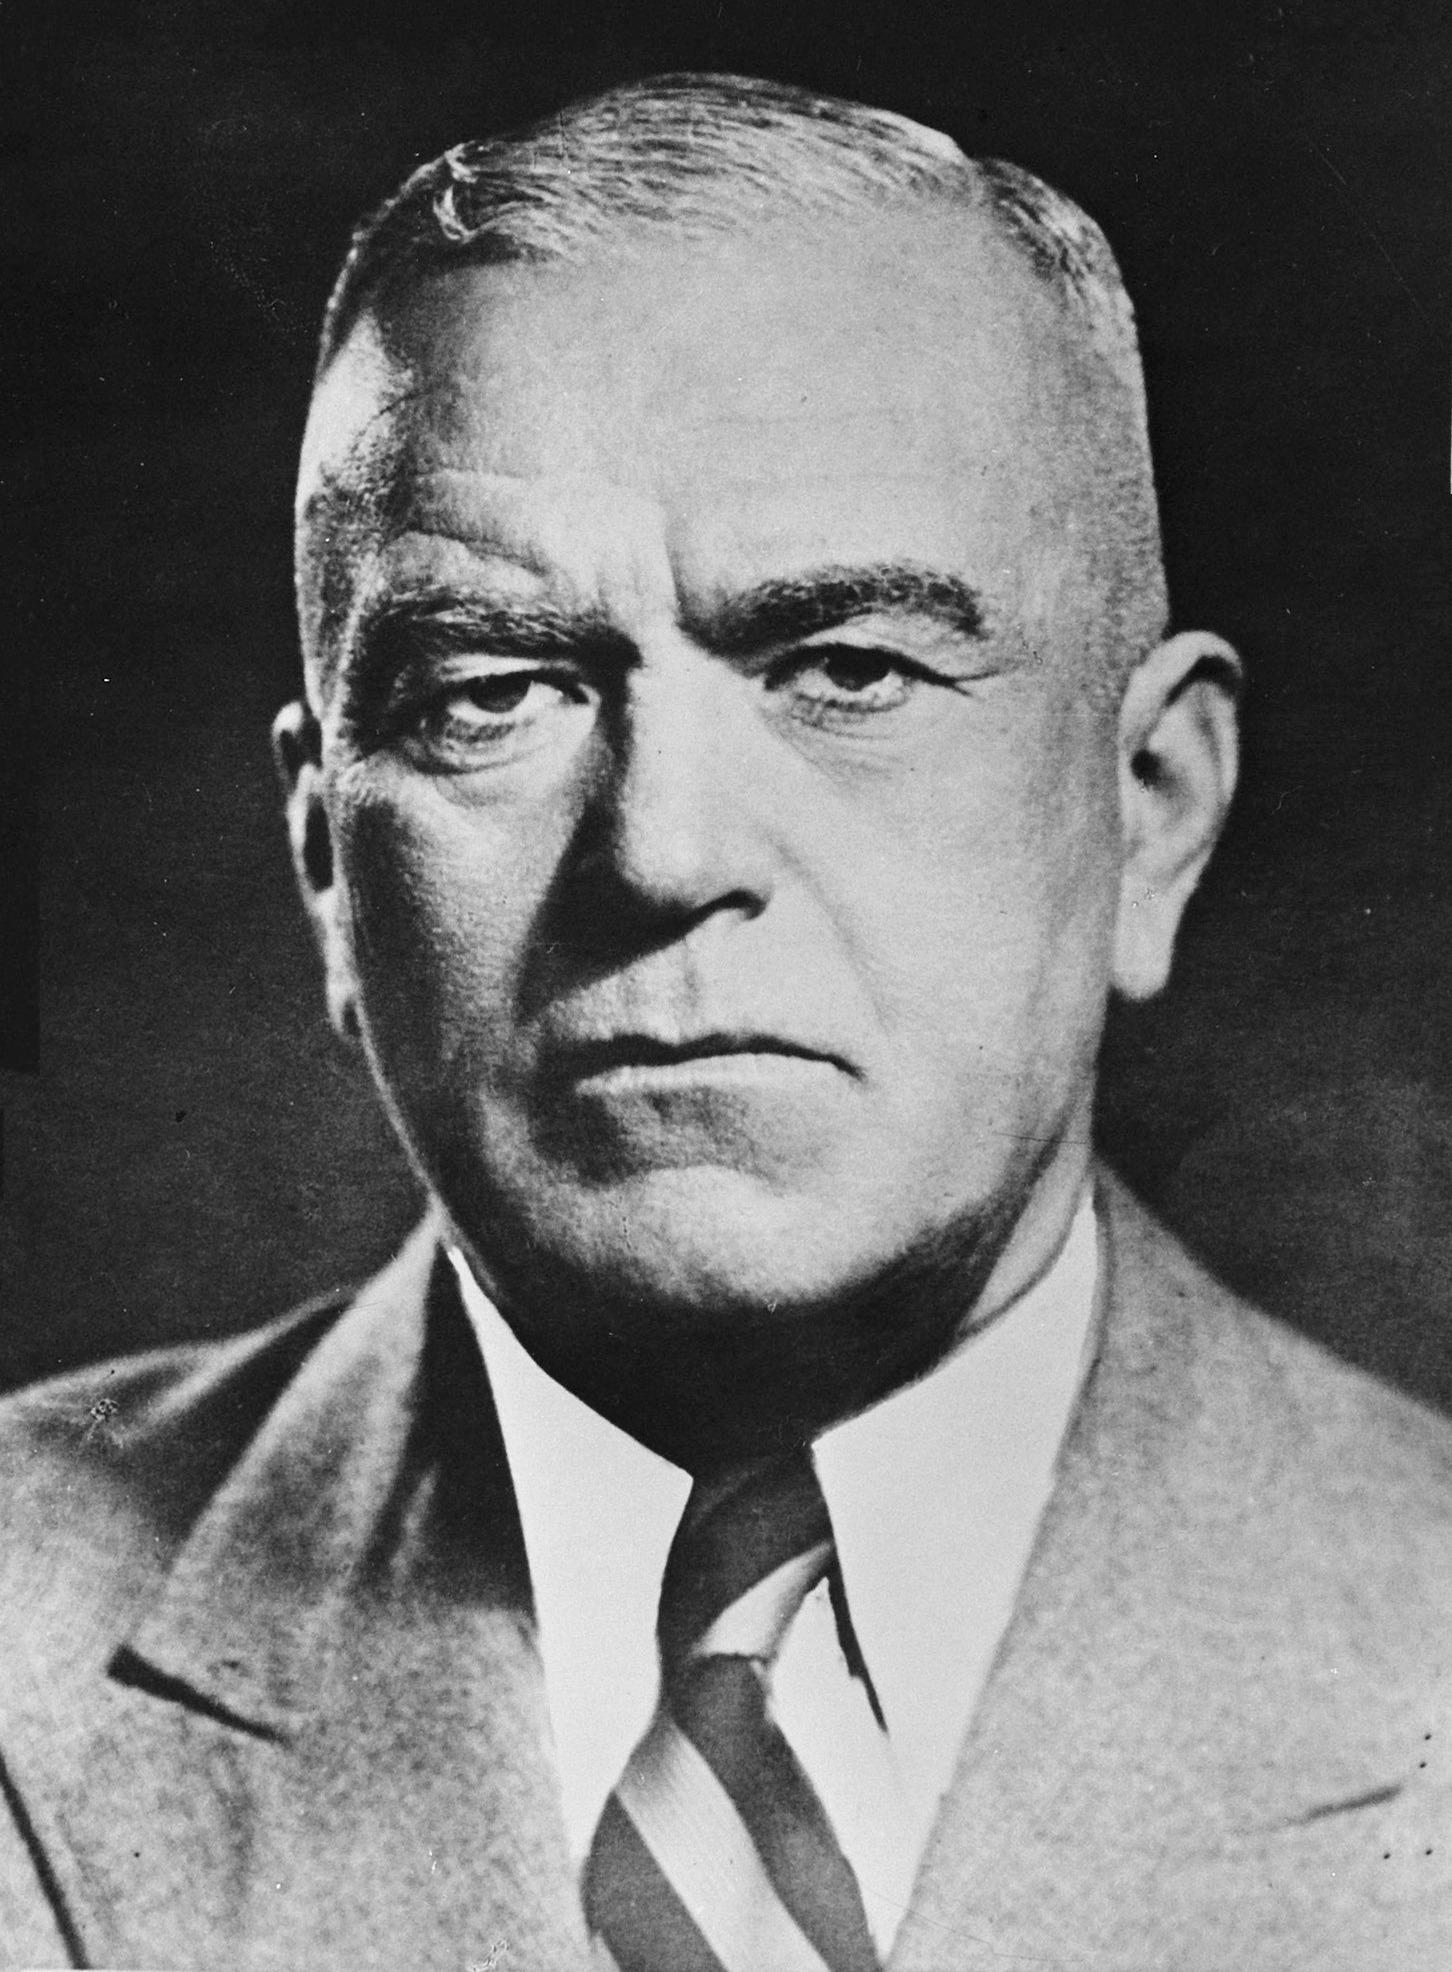 Groza 1946-ban: az Ekésfront vezetője sosem lett a Román Kommunista Párt tagja, mégis Sztálin